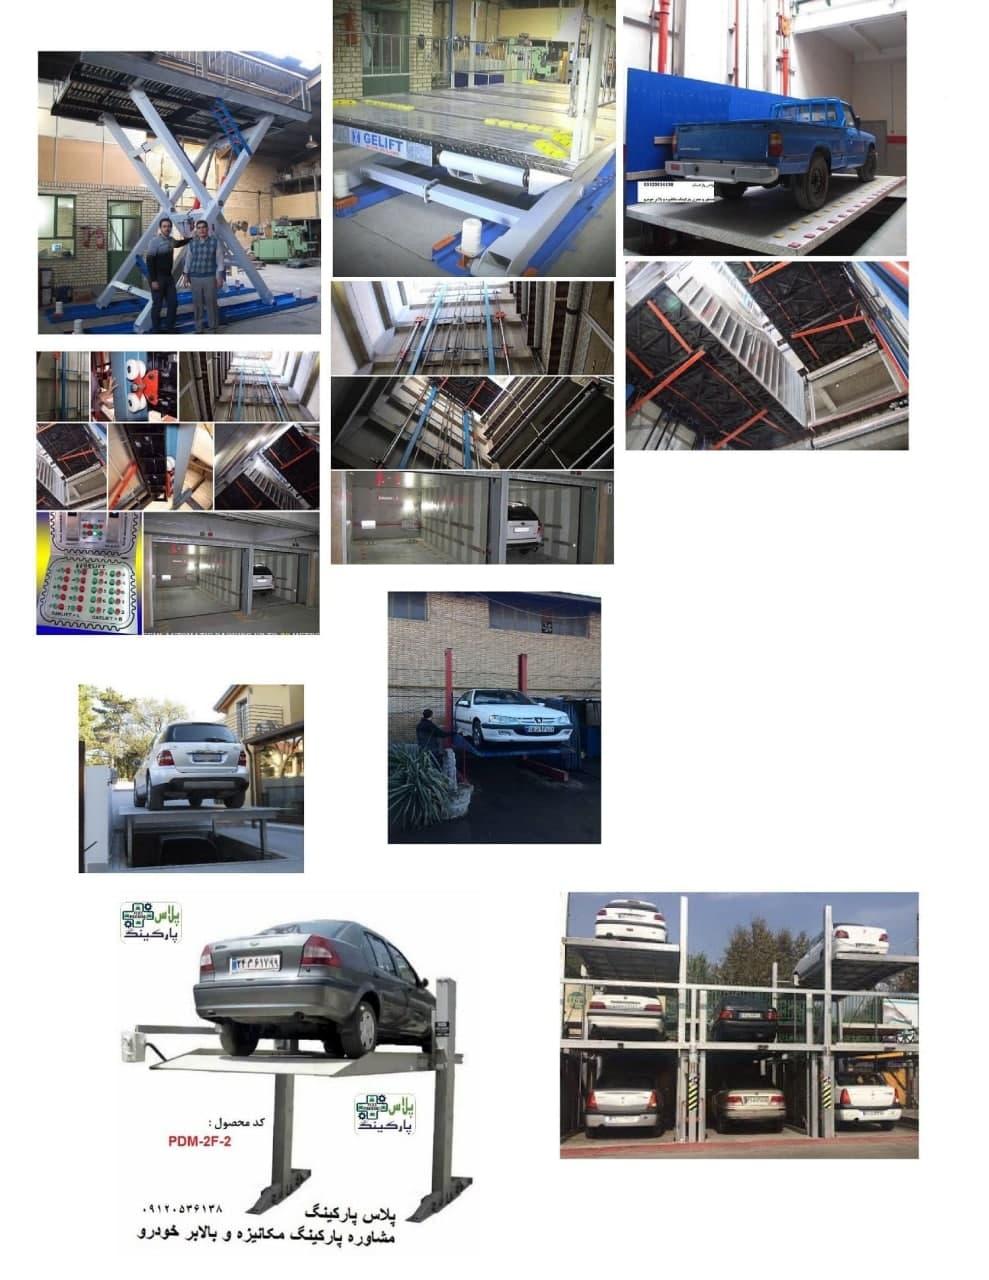 نمونه کارهای نصب شده از آسانسور خودرو بر و یا بالابر خودرو در ایران